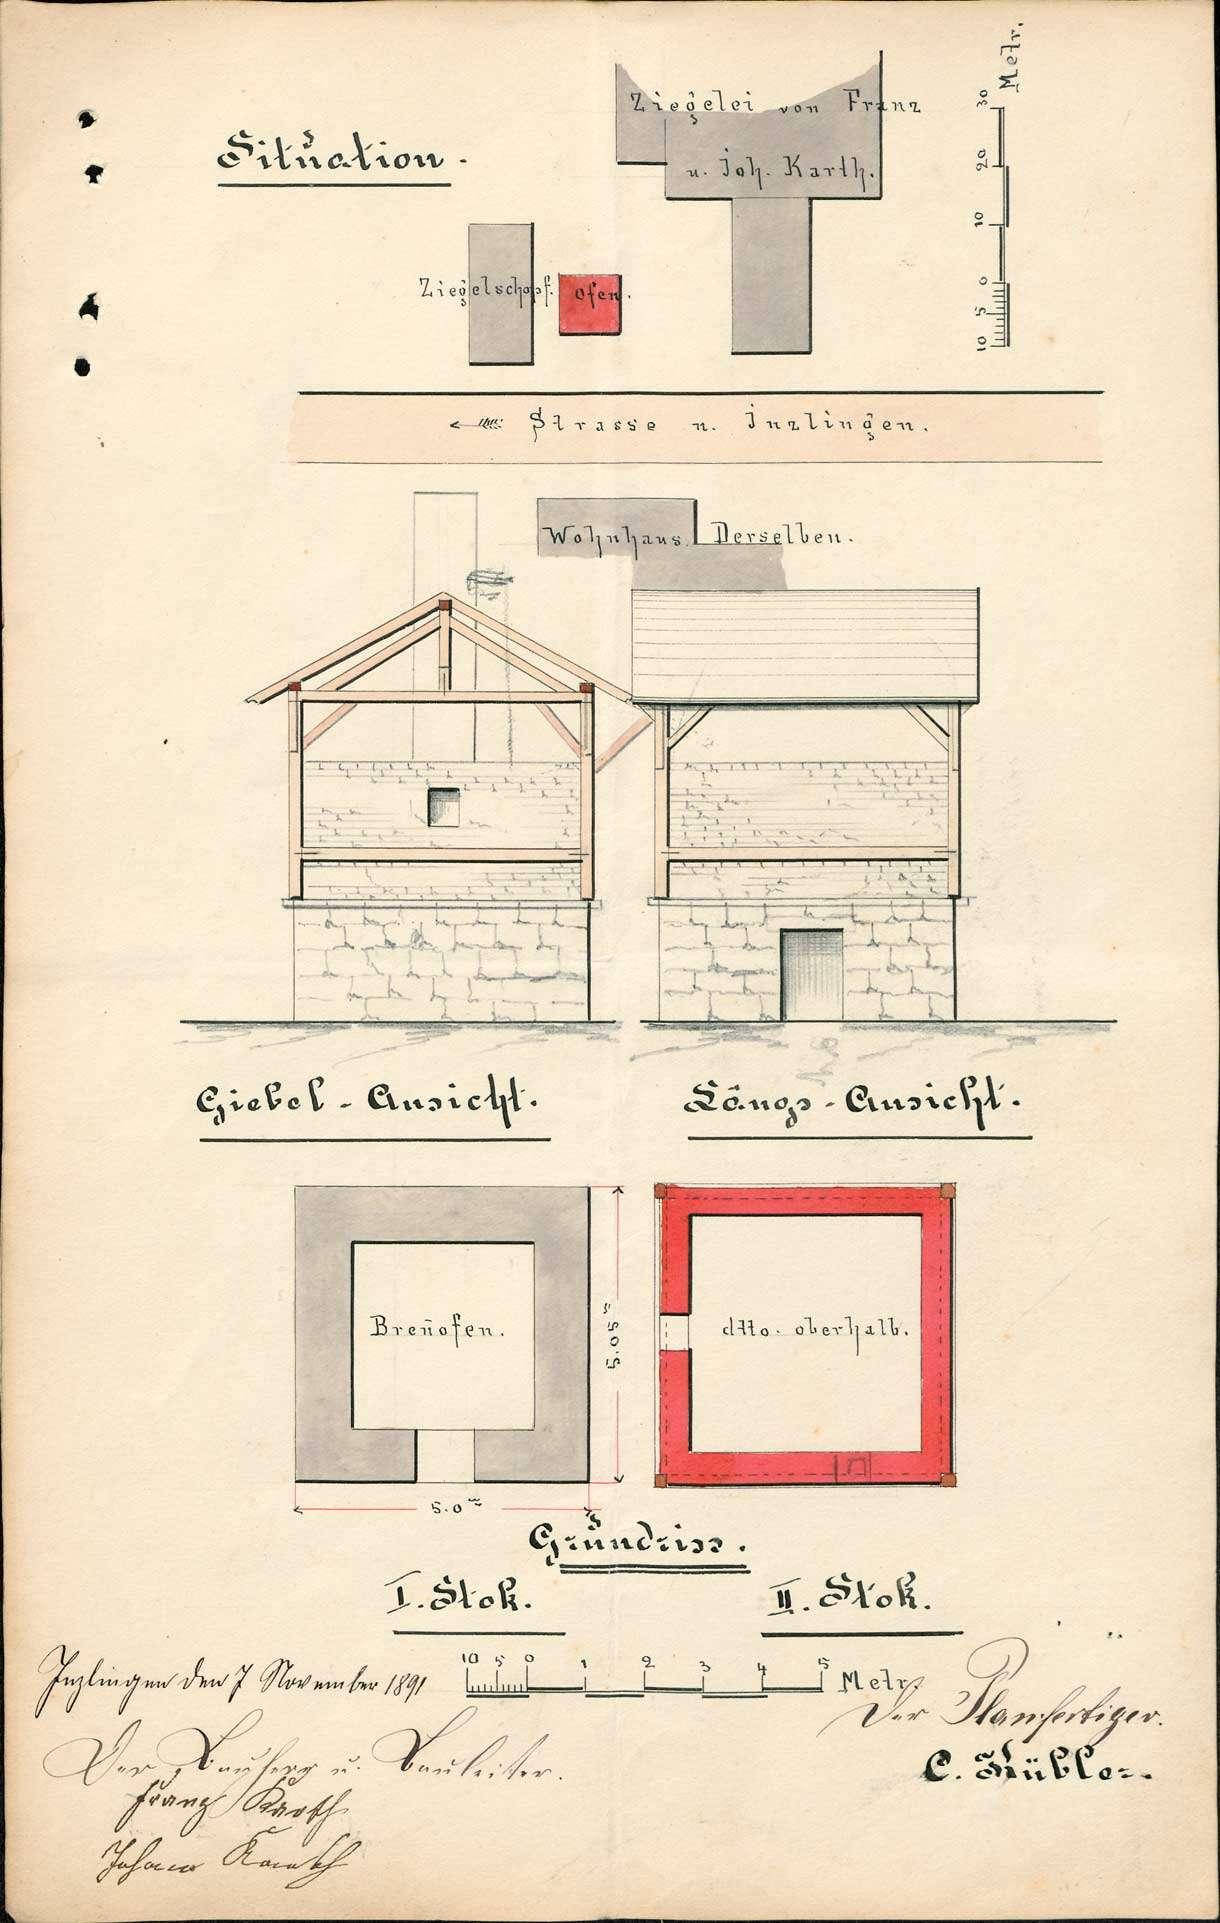 Gesuch des Franz Karth und des Johann Karth, beide von Inzlingen, um Erlaubnis zum Bau einer Kalkbrennerei, Bild 2